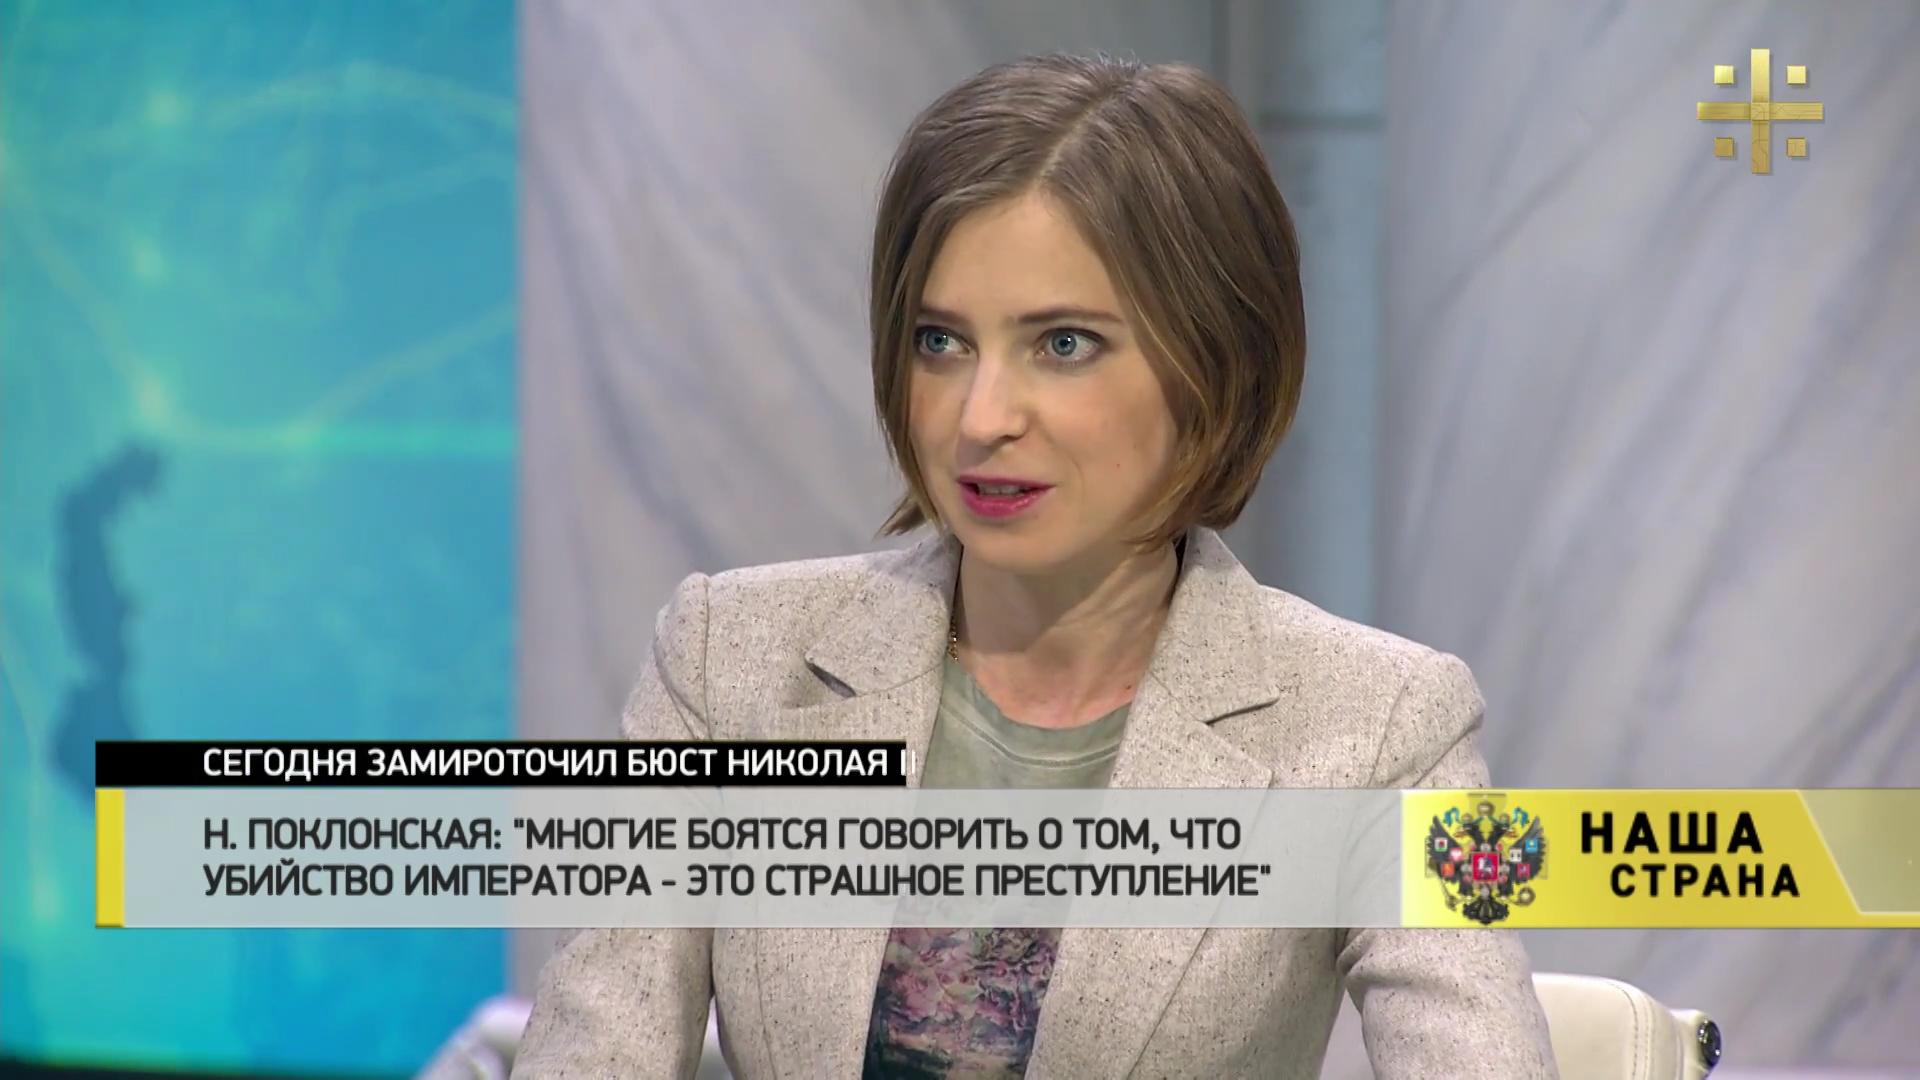 20170303_22-19-Поклонская- В Крыму замироточил бюст Николая Второго